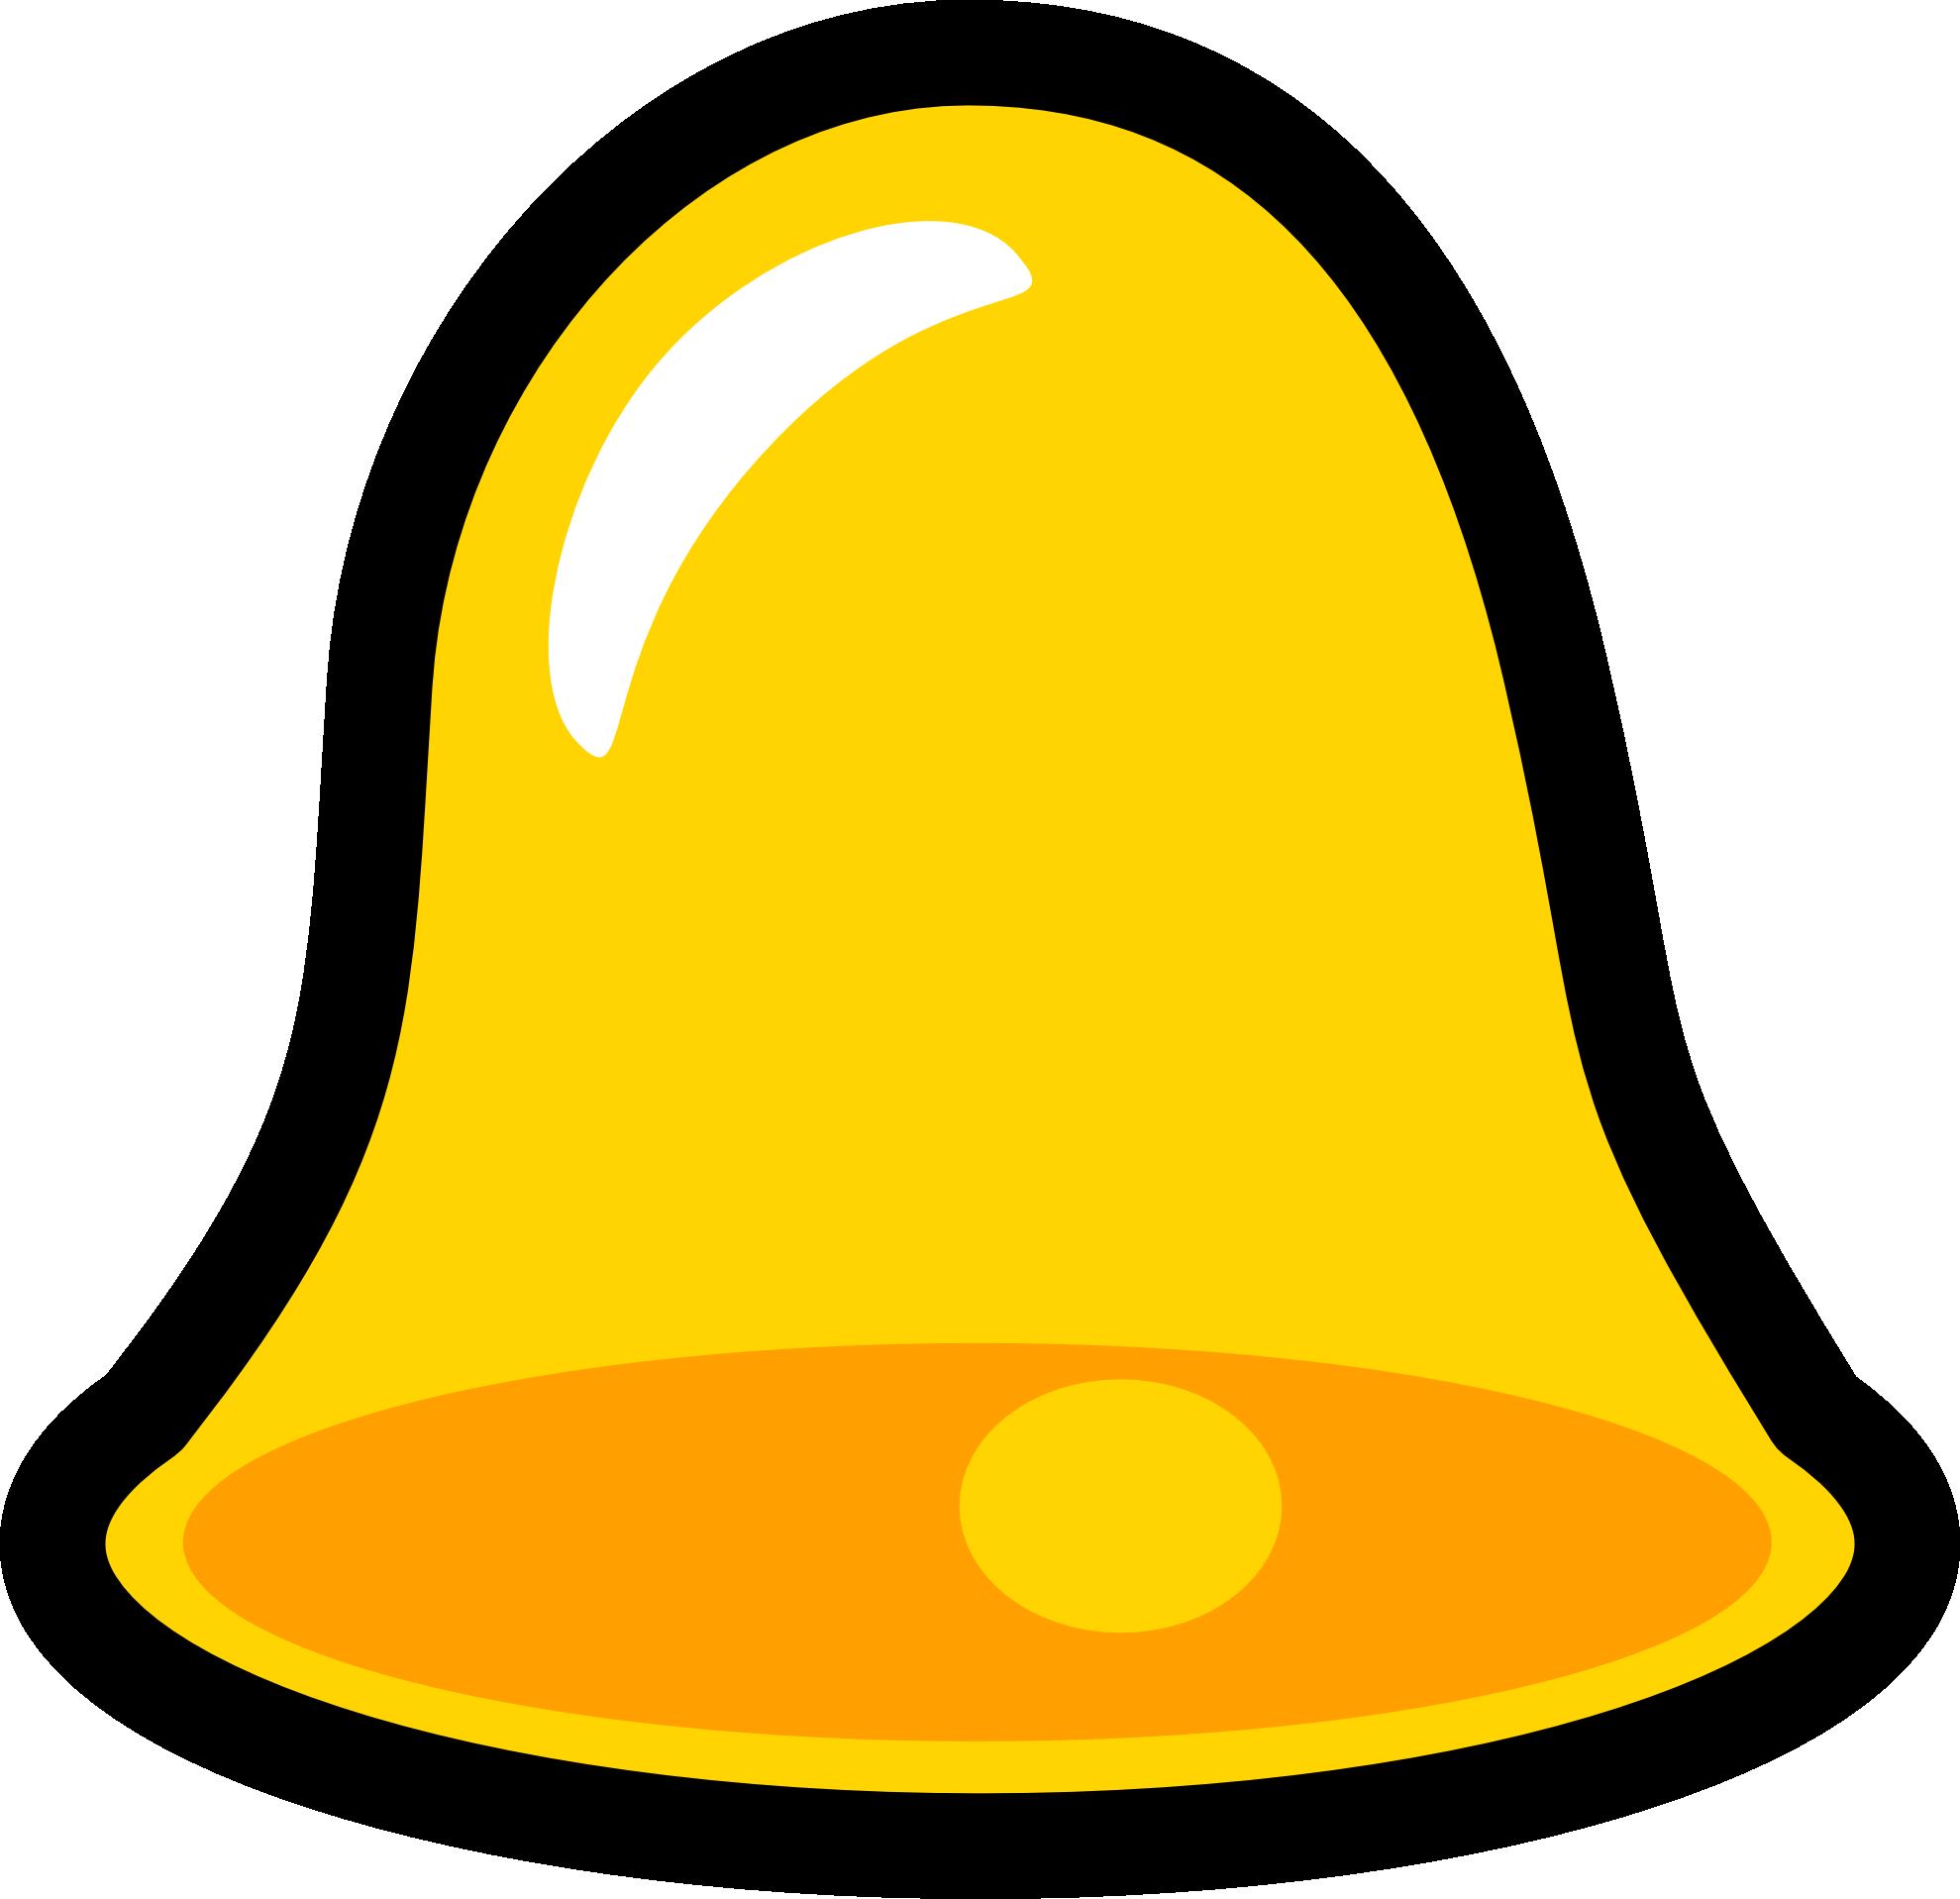 School Bell Clipart-School Bell Clipart-4